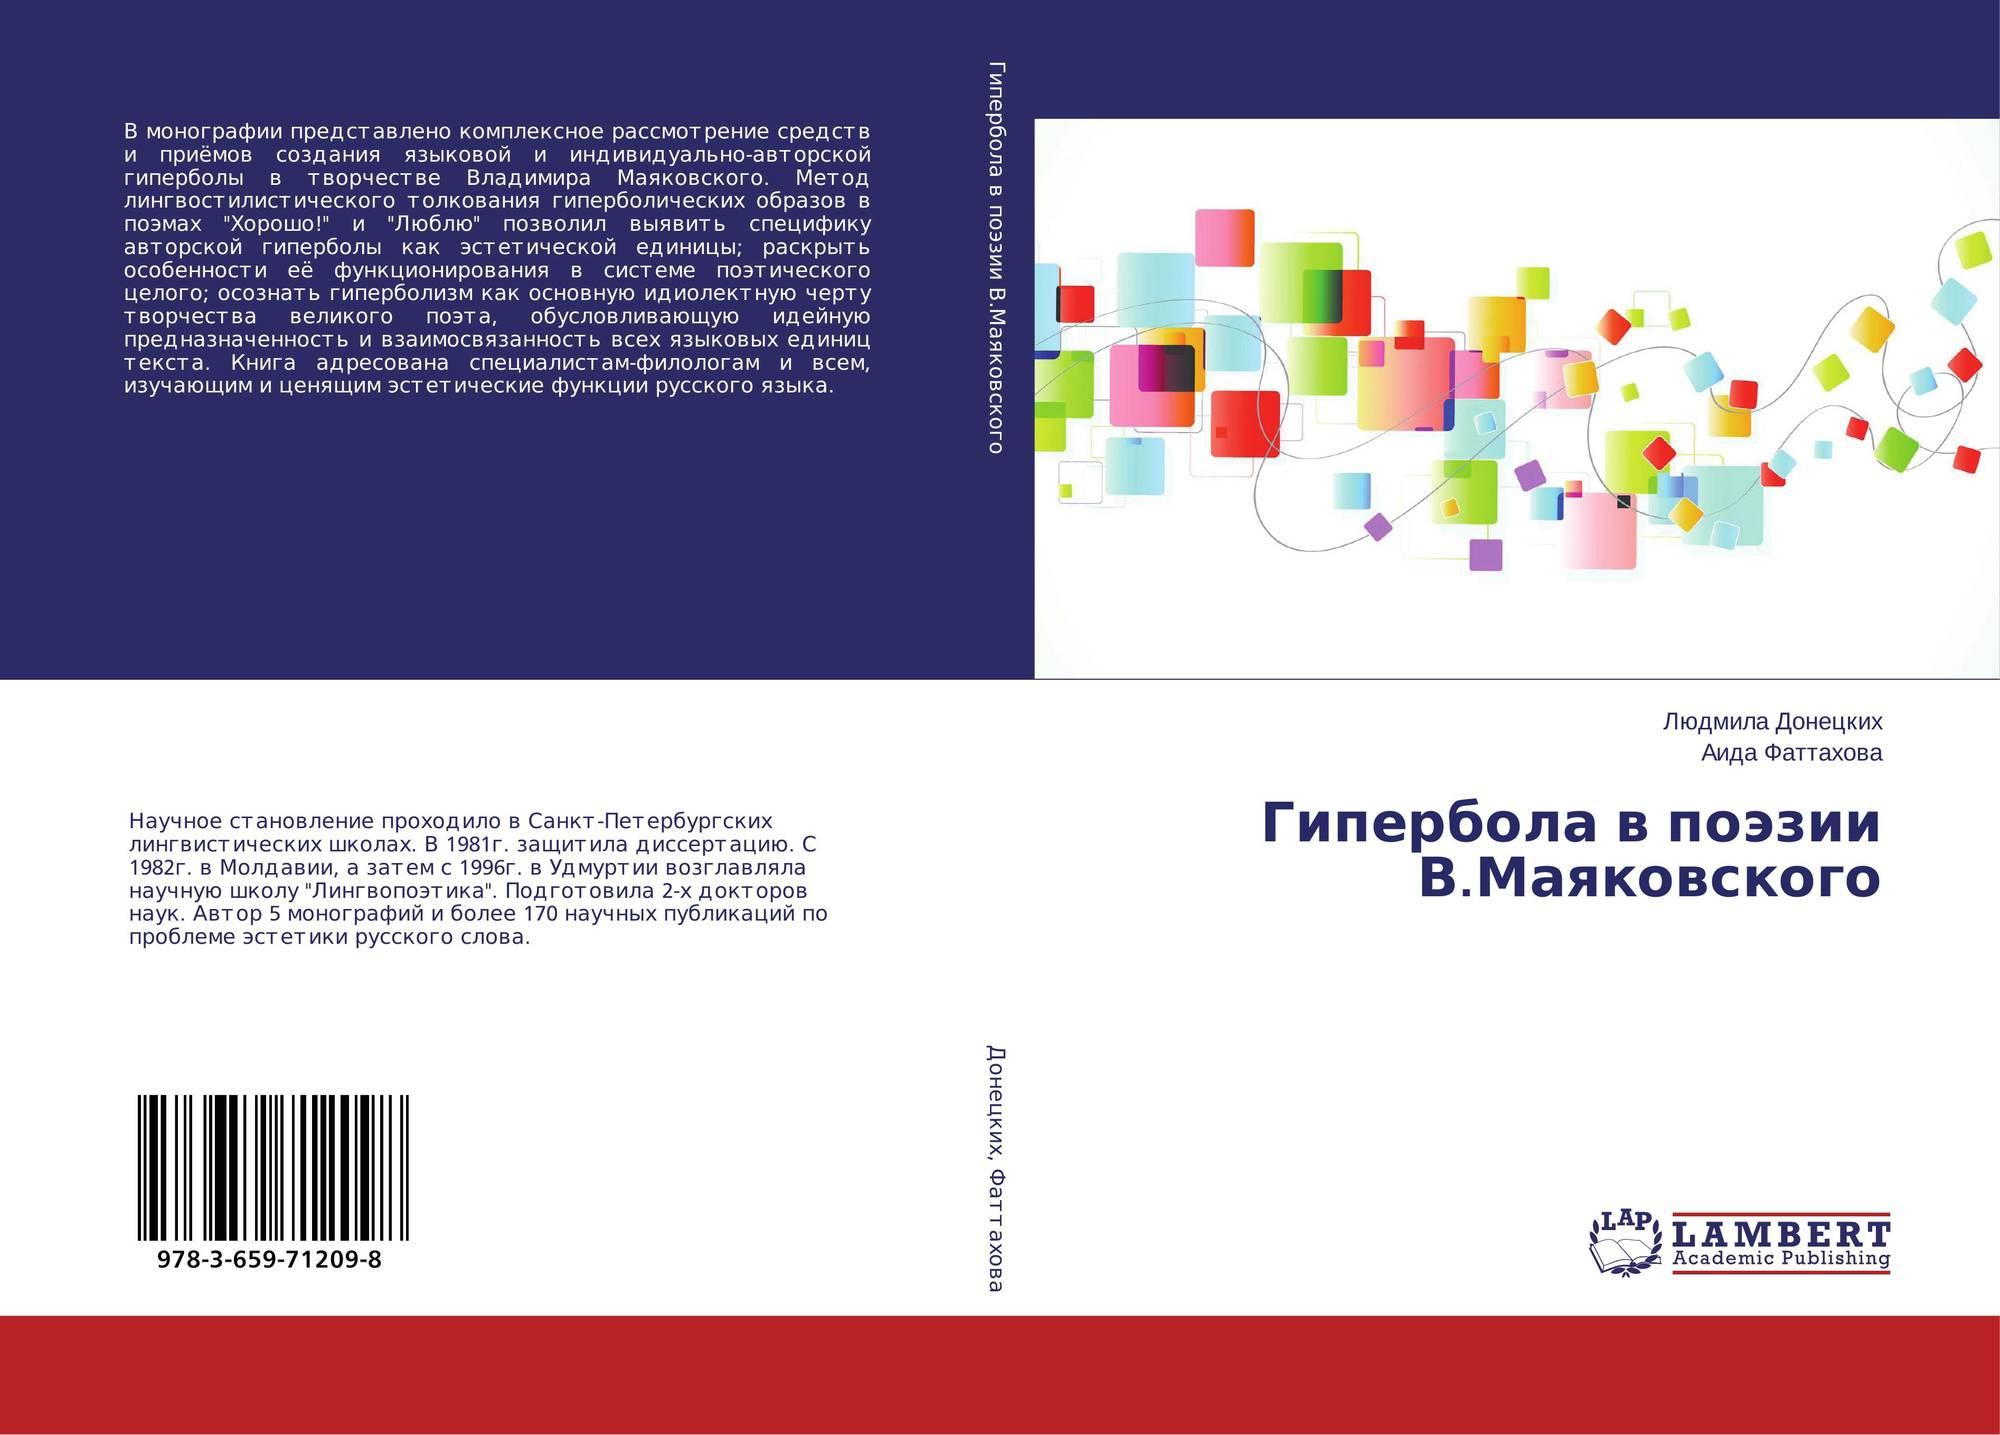 ebook Программа курса ''Информационные технологии